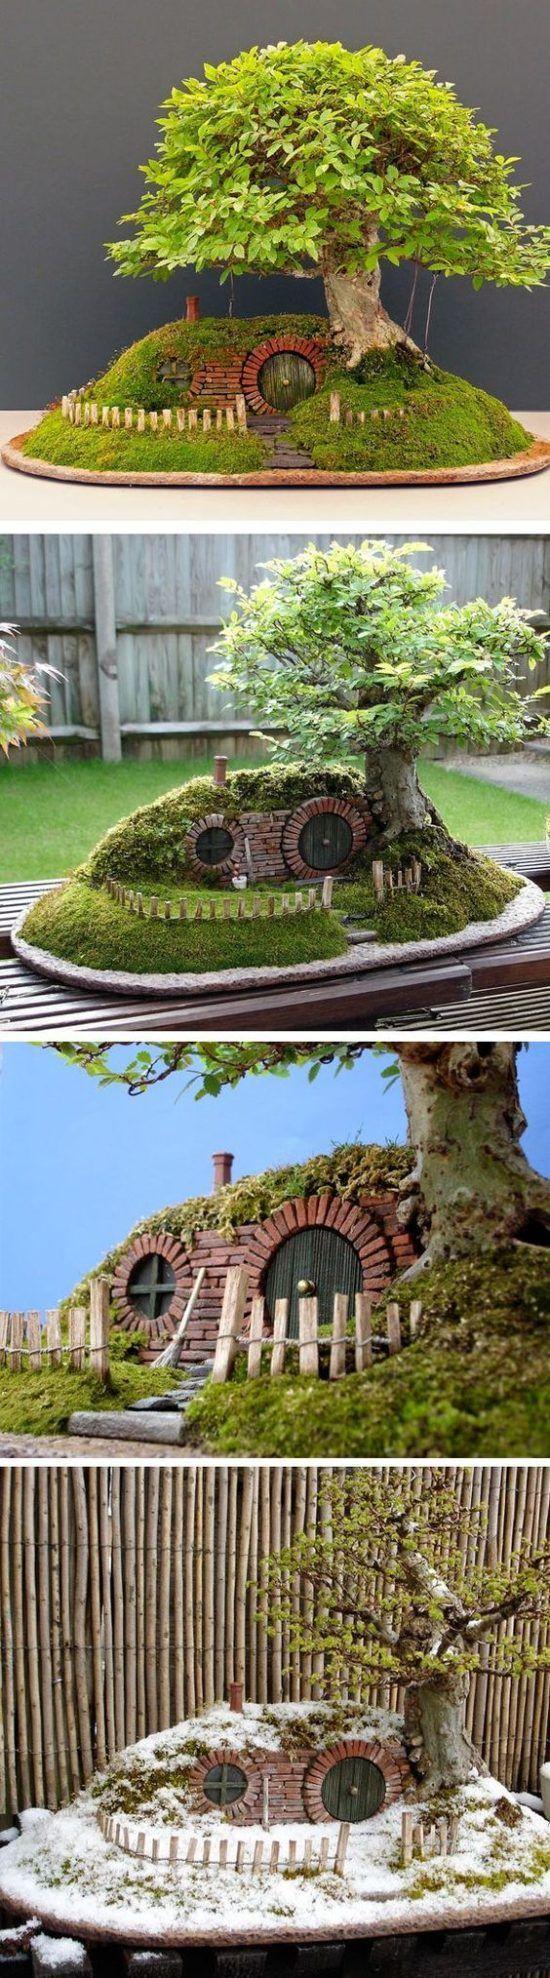 Bonsai Fairy Garden                                                                                                                                                                                 More